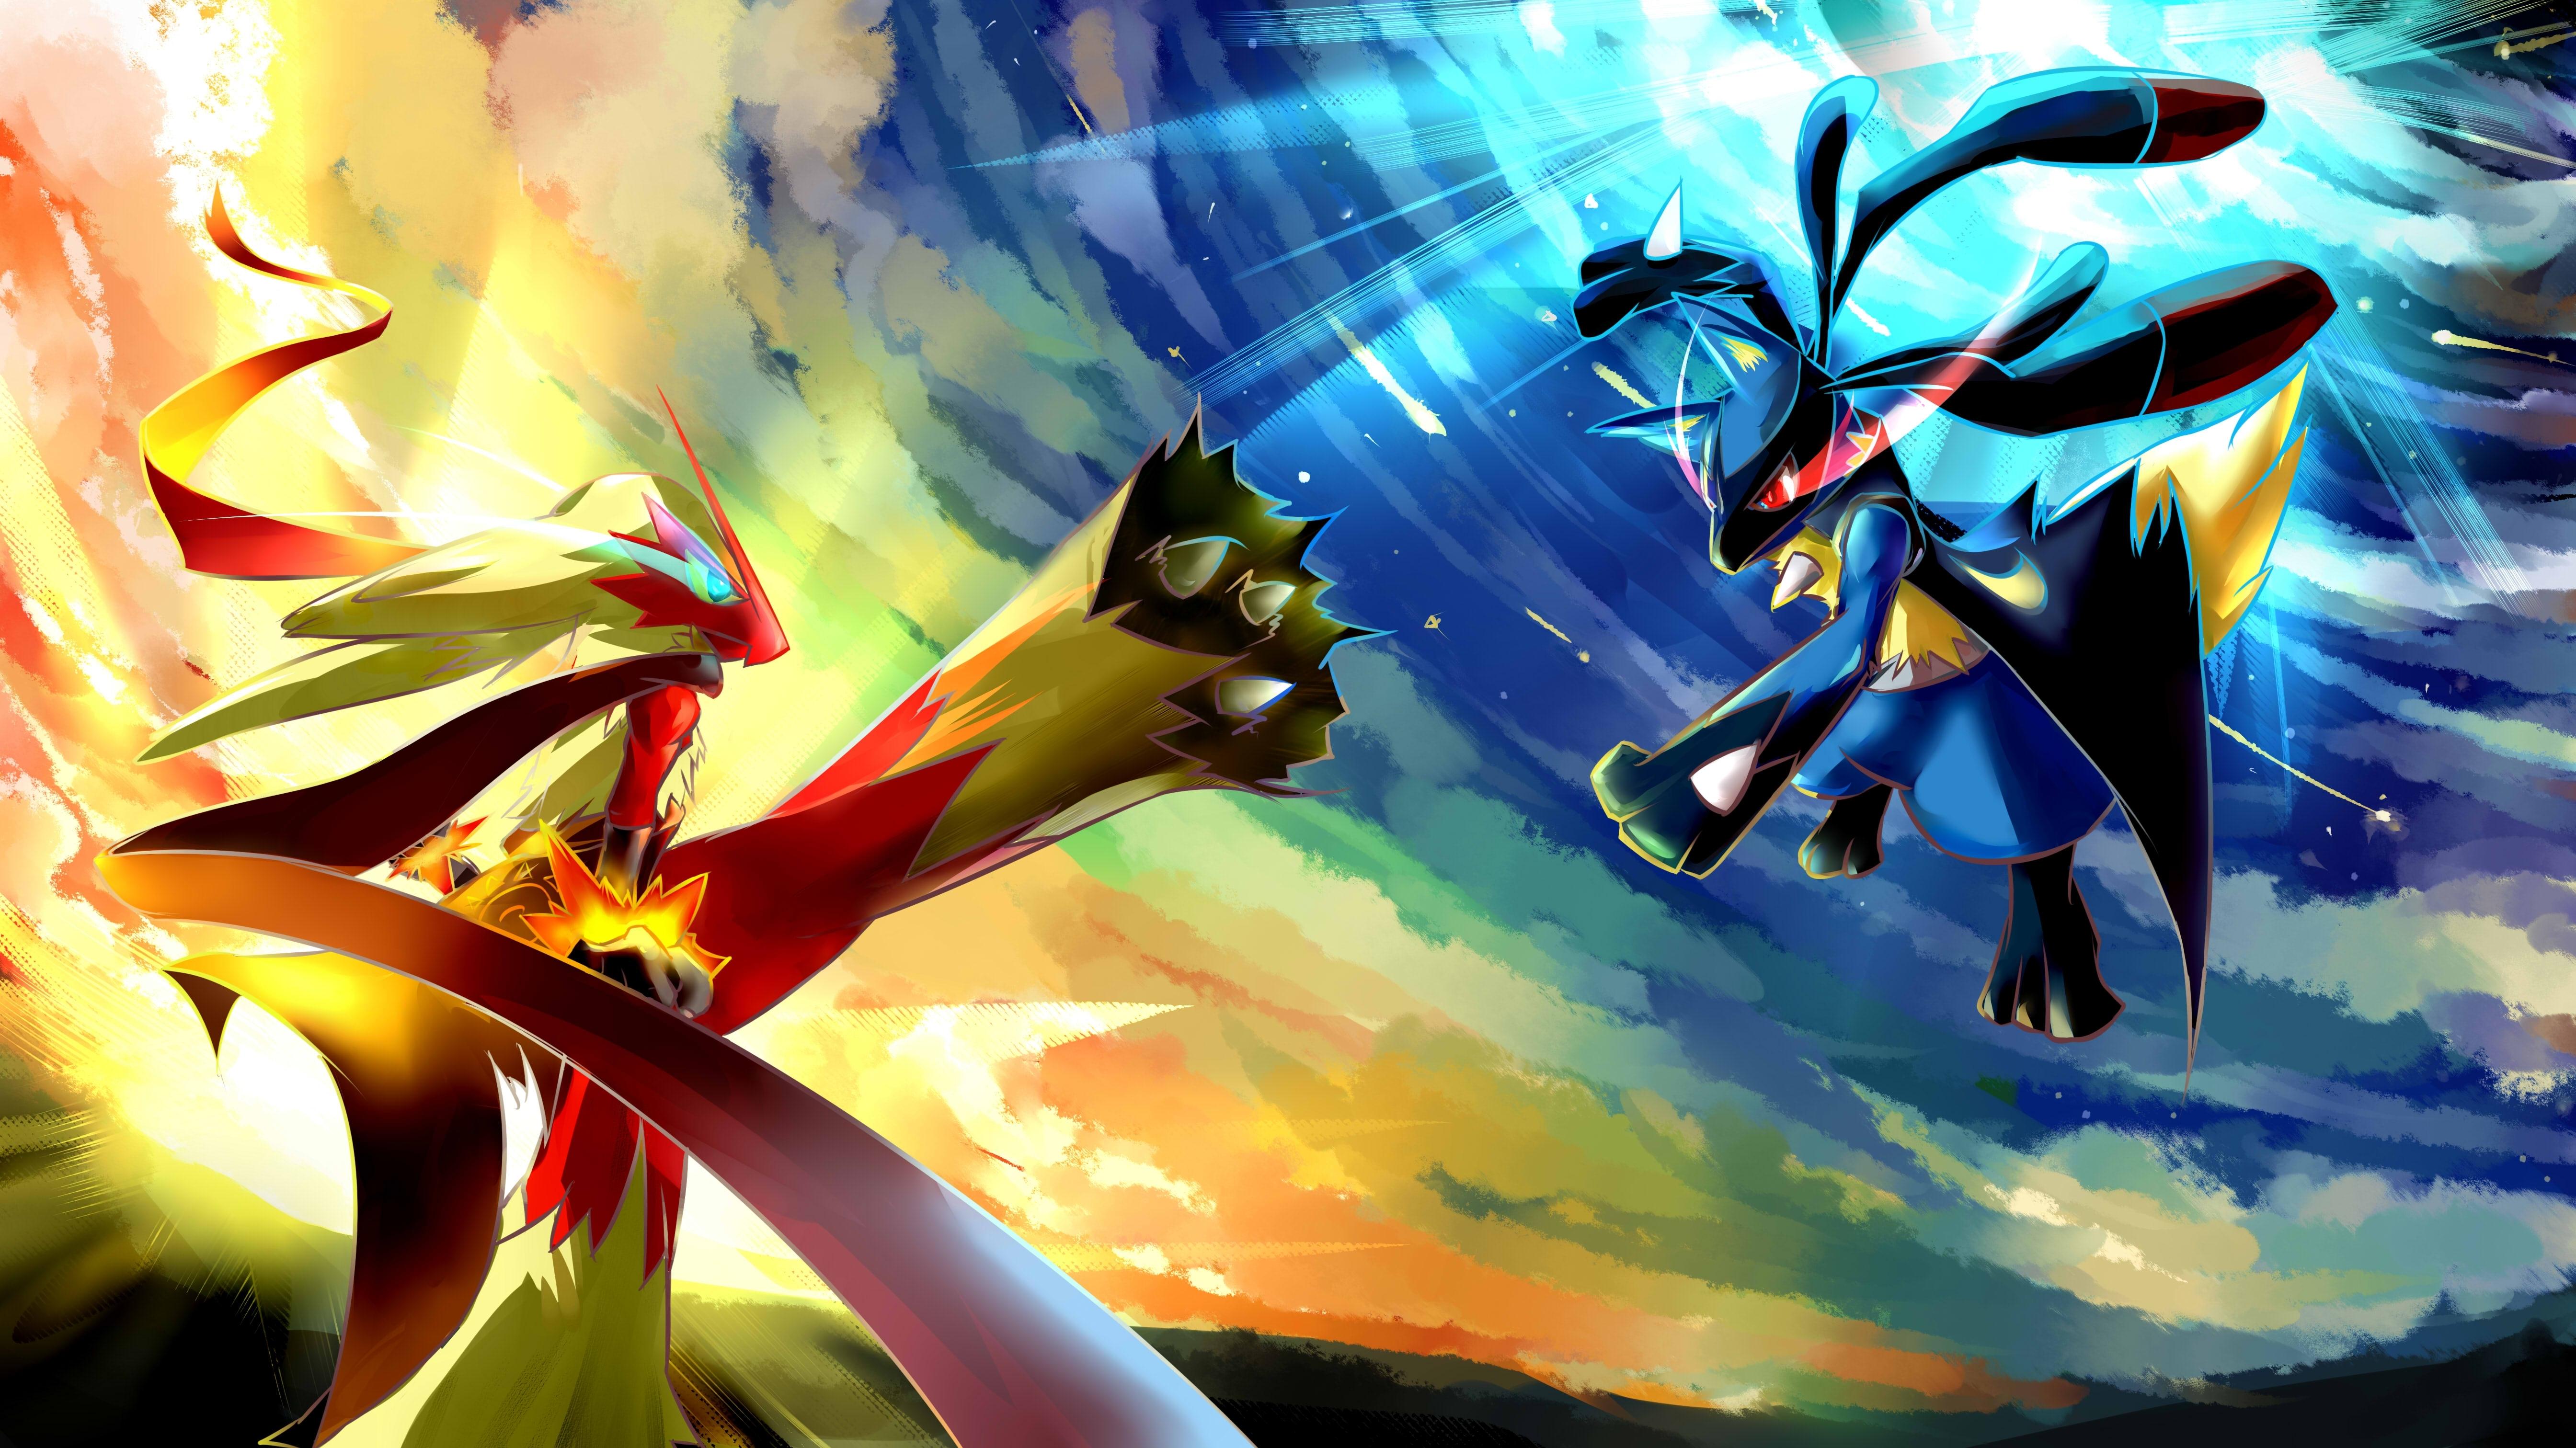 pokemon backgrounds for desktop. - media file | pixelstalk